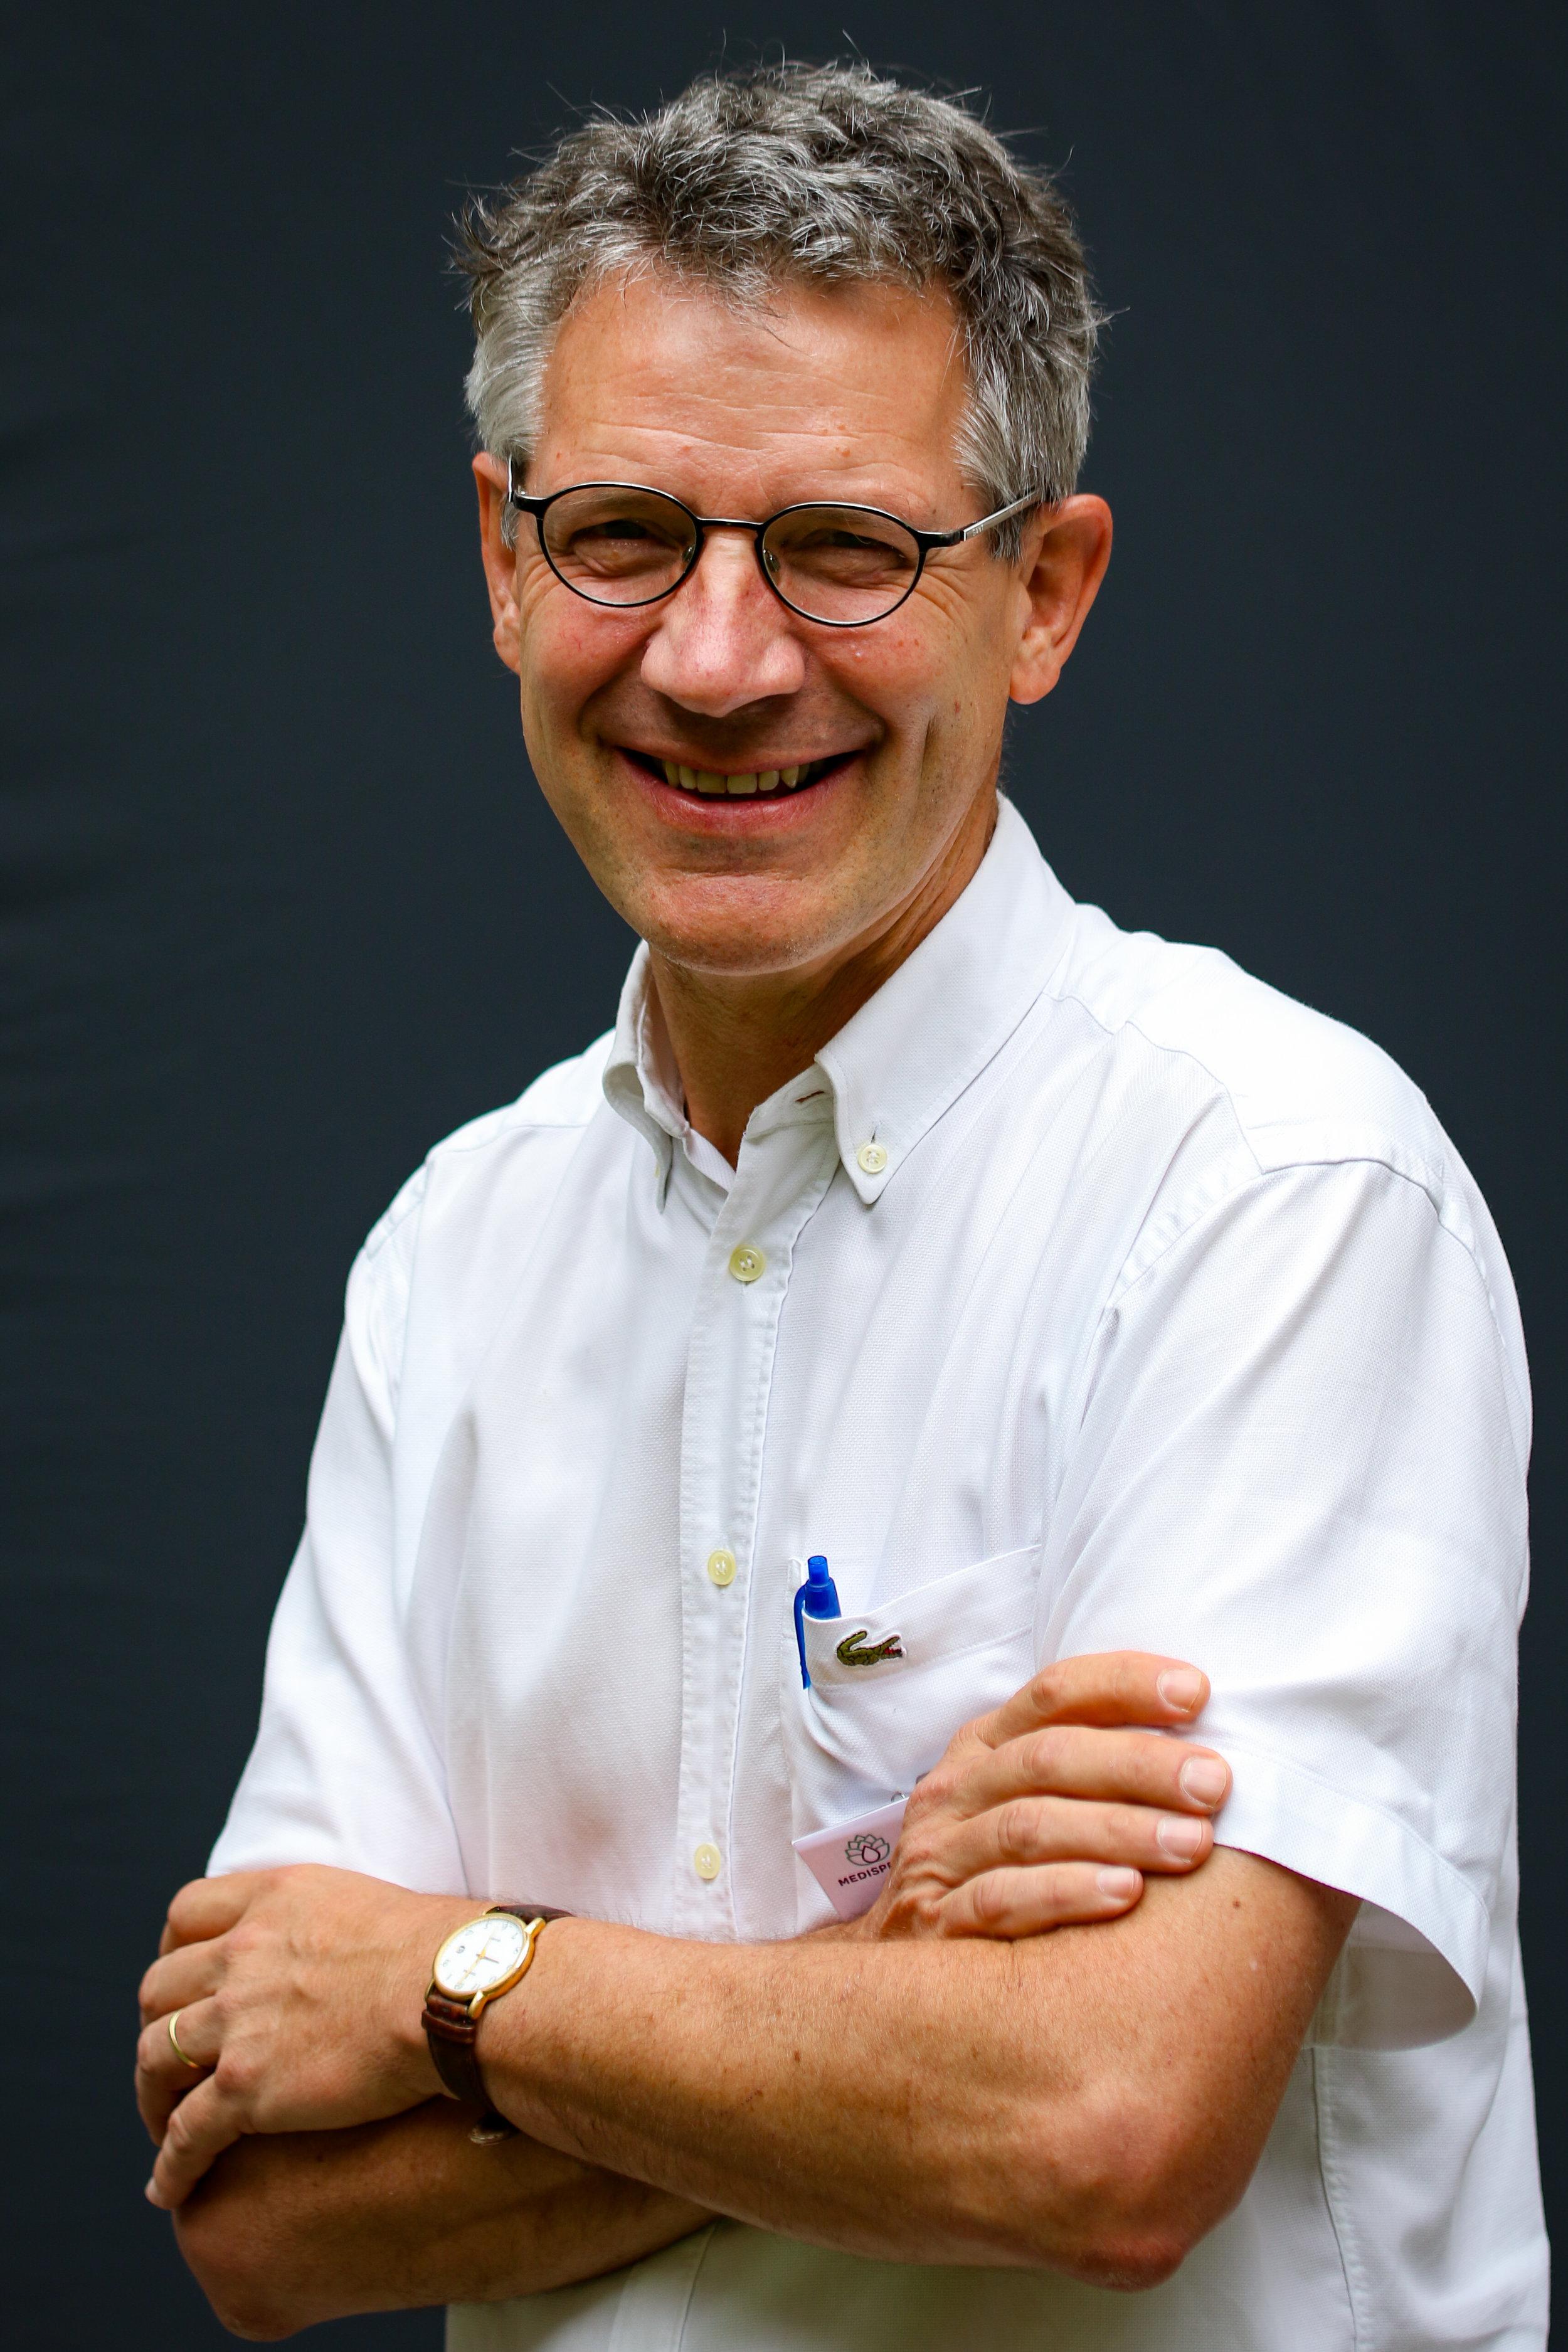 Trésorier - Dr. Alain-François Bleeckx